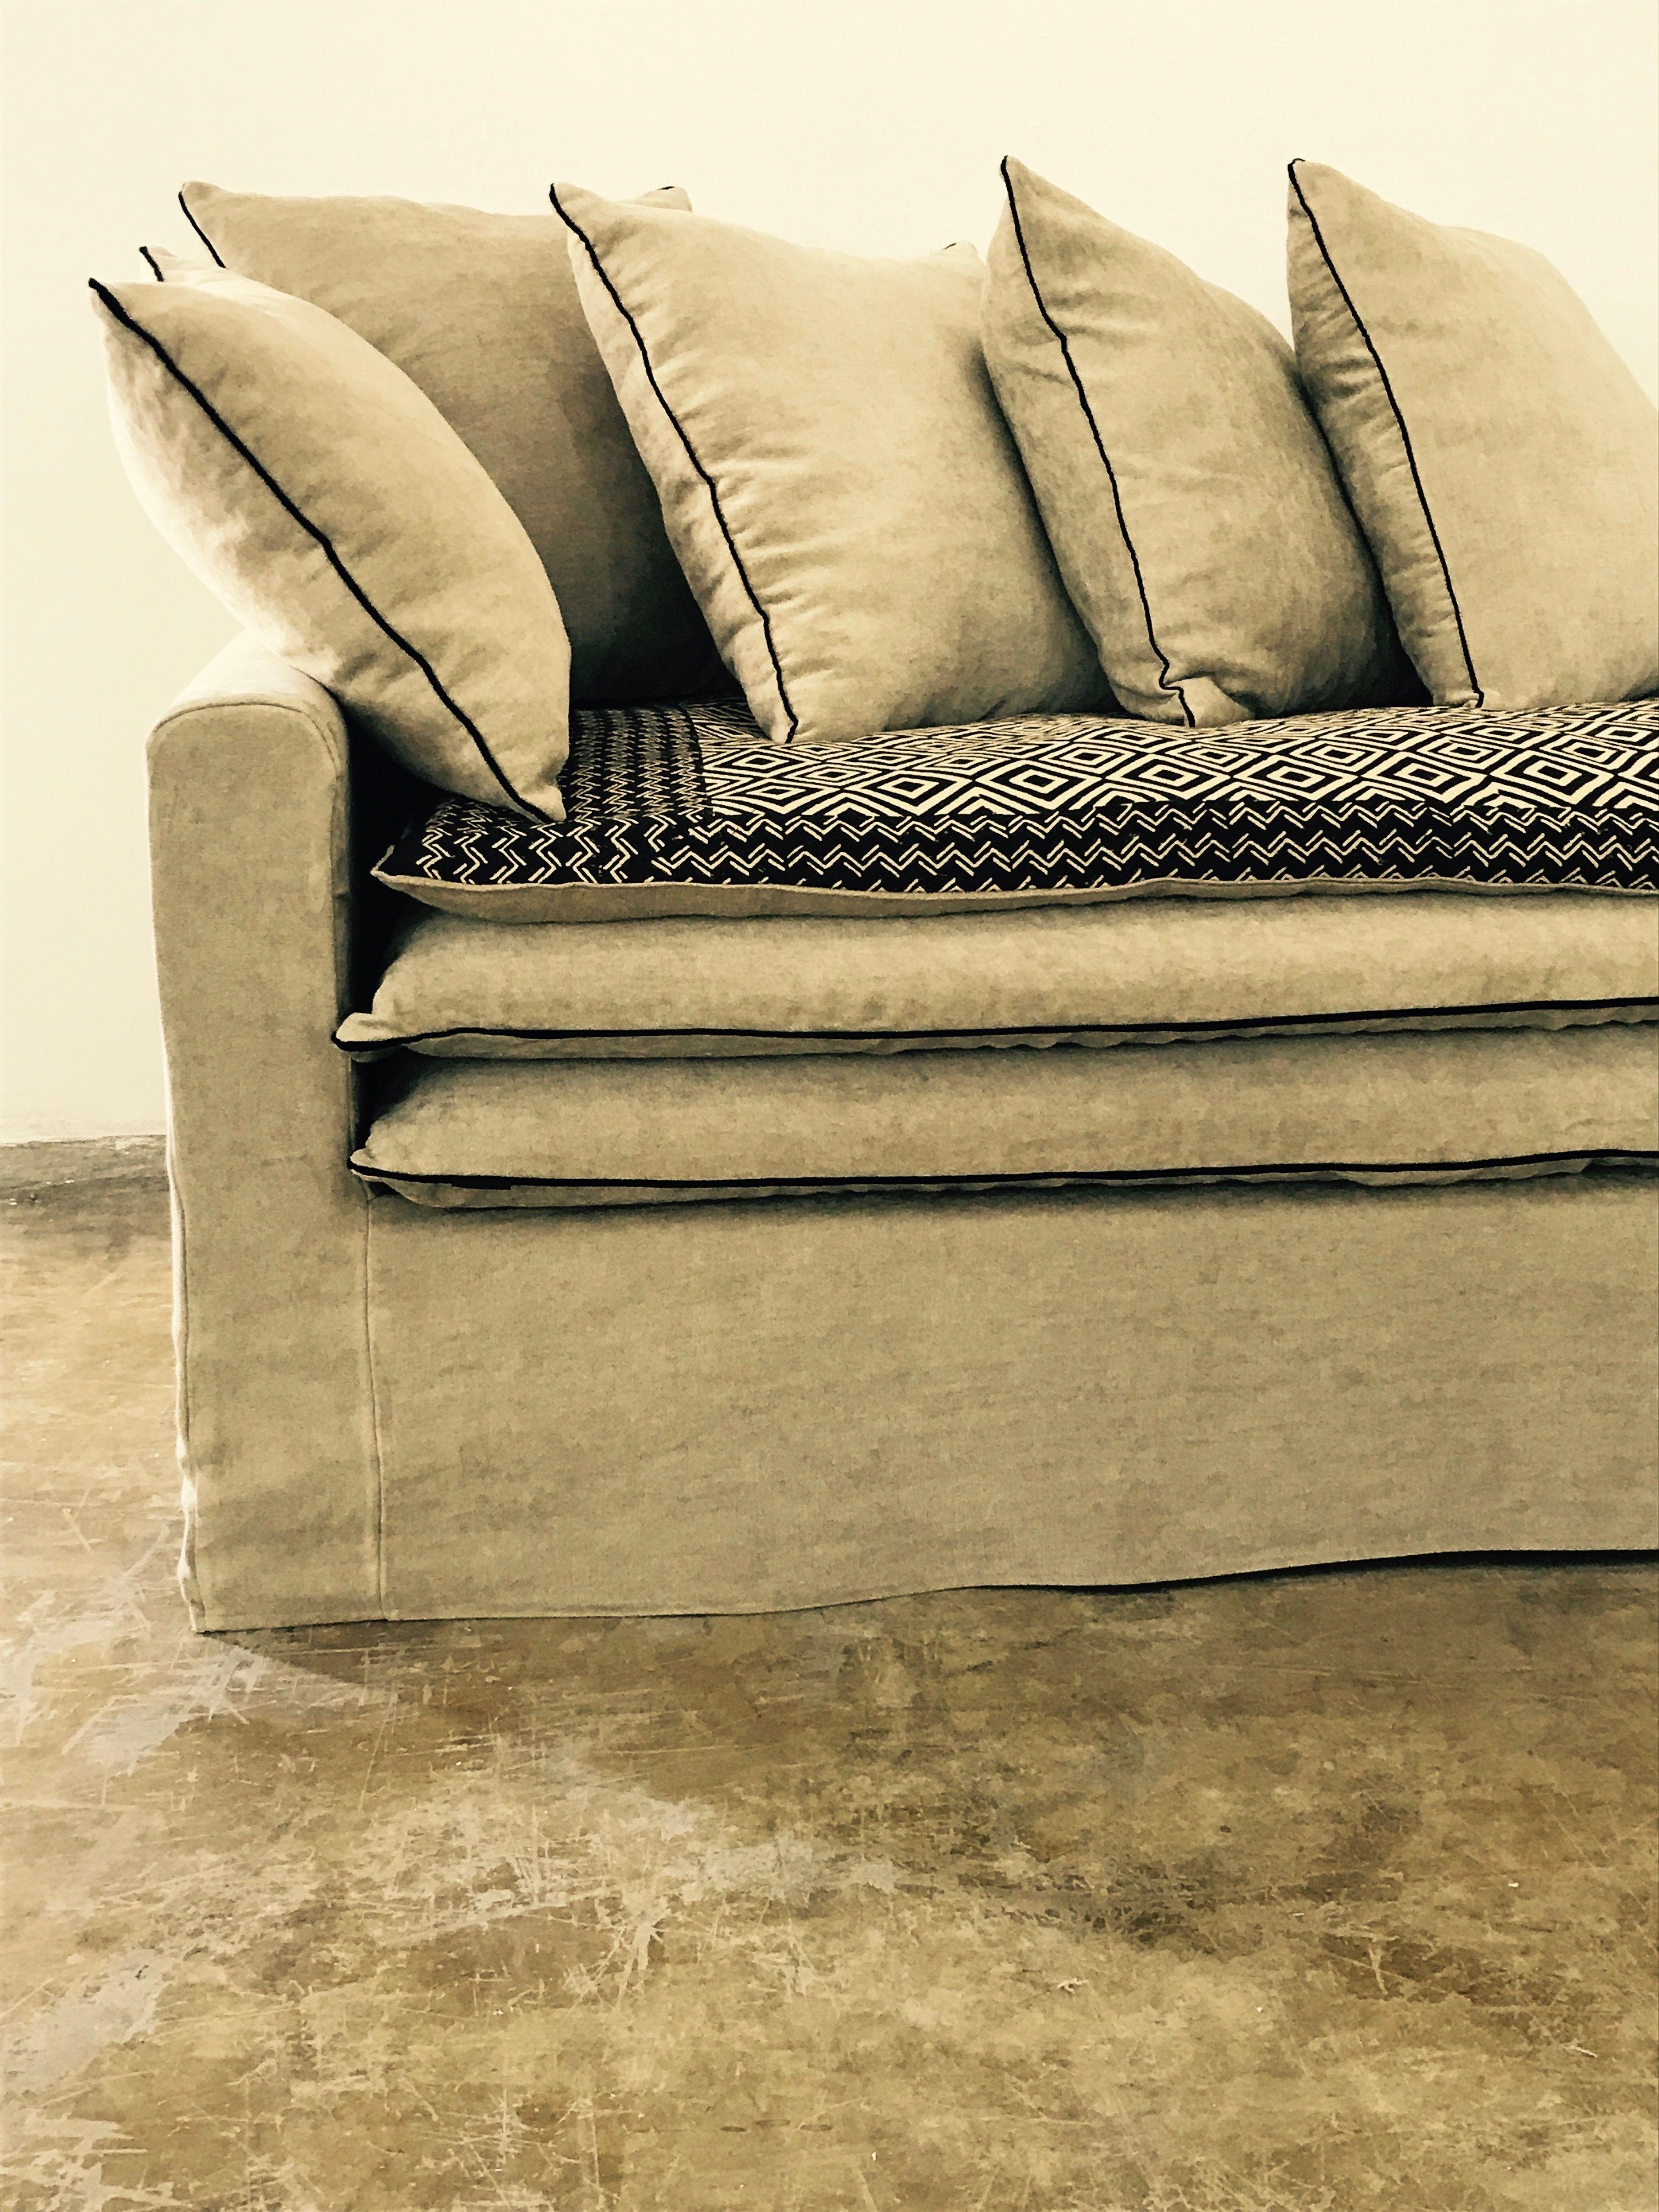 canap sur mesure boheme en lin lav beige et son sofa cover canap s sur mesure en lin lav. Black Bedroom Furniture Sets. Home Design Ideas